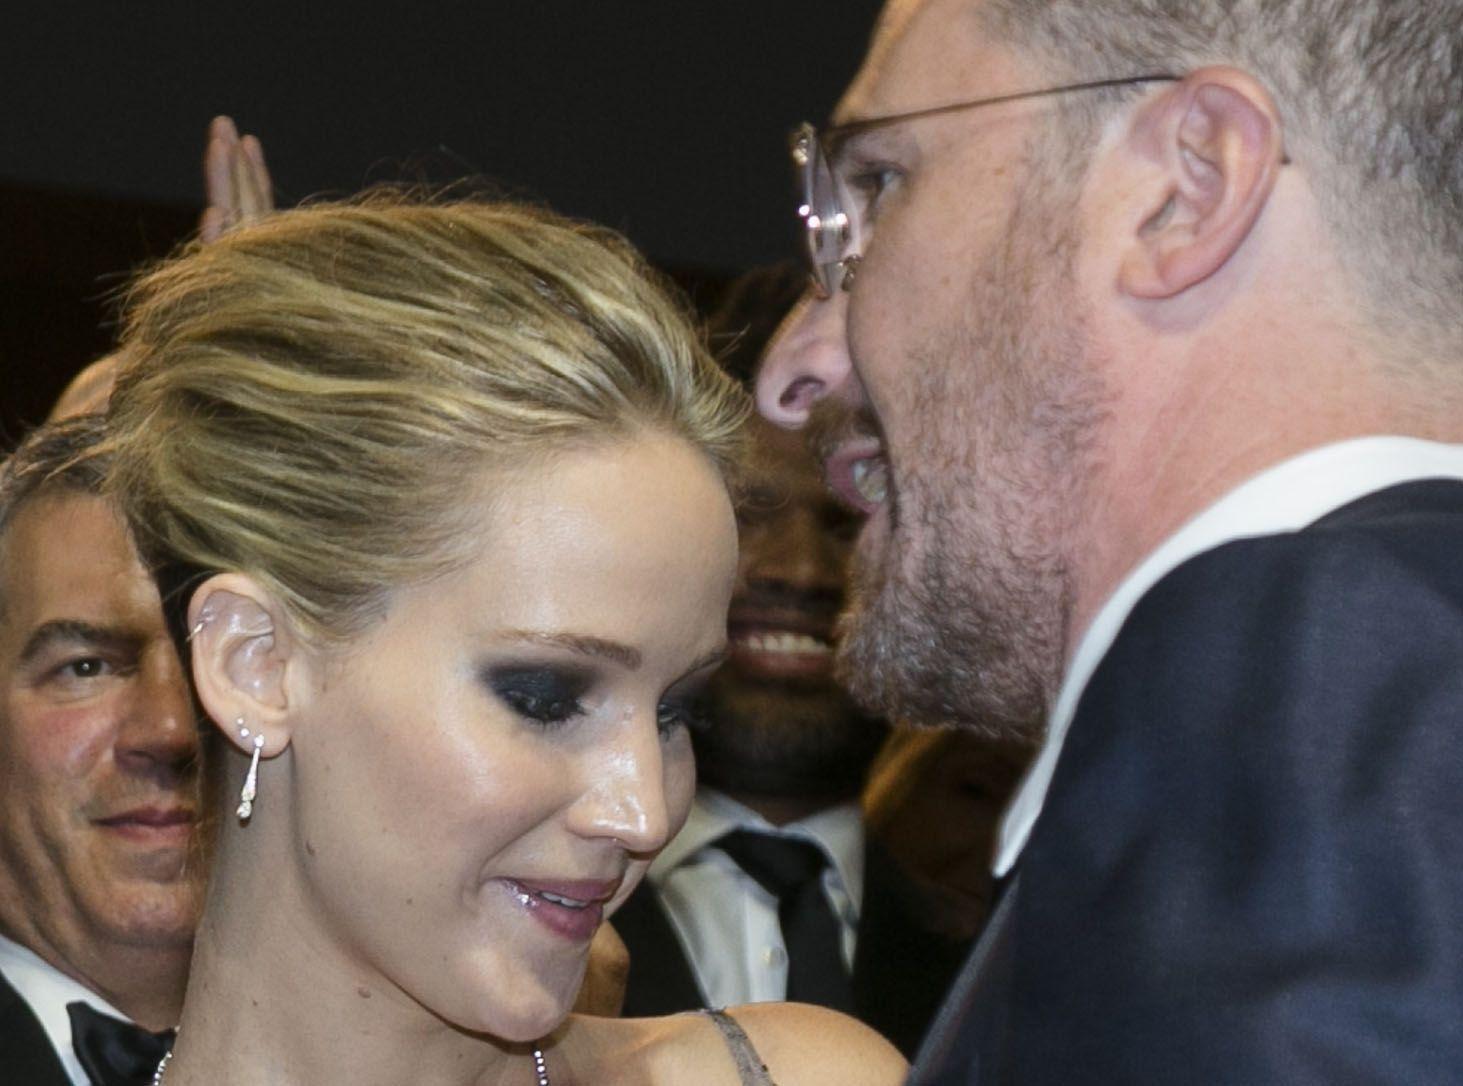 Jennifer Lawrence : S'est-elle lassée de sa relation avec Darren Aronofsky ?